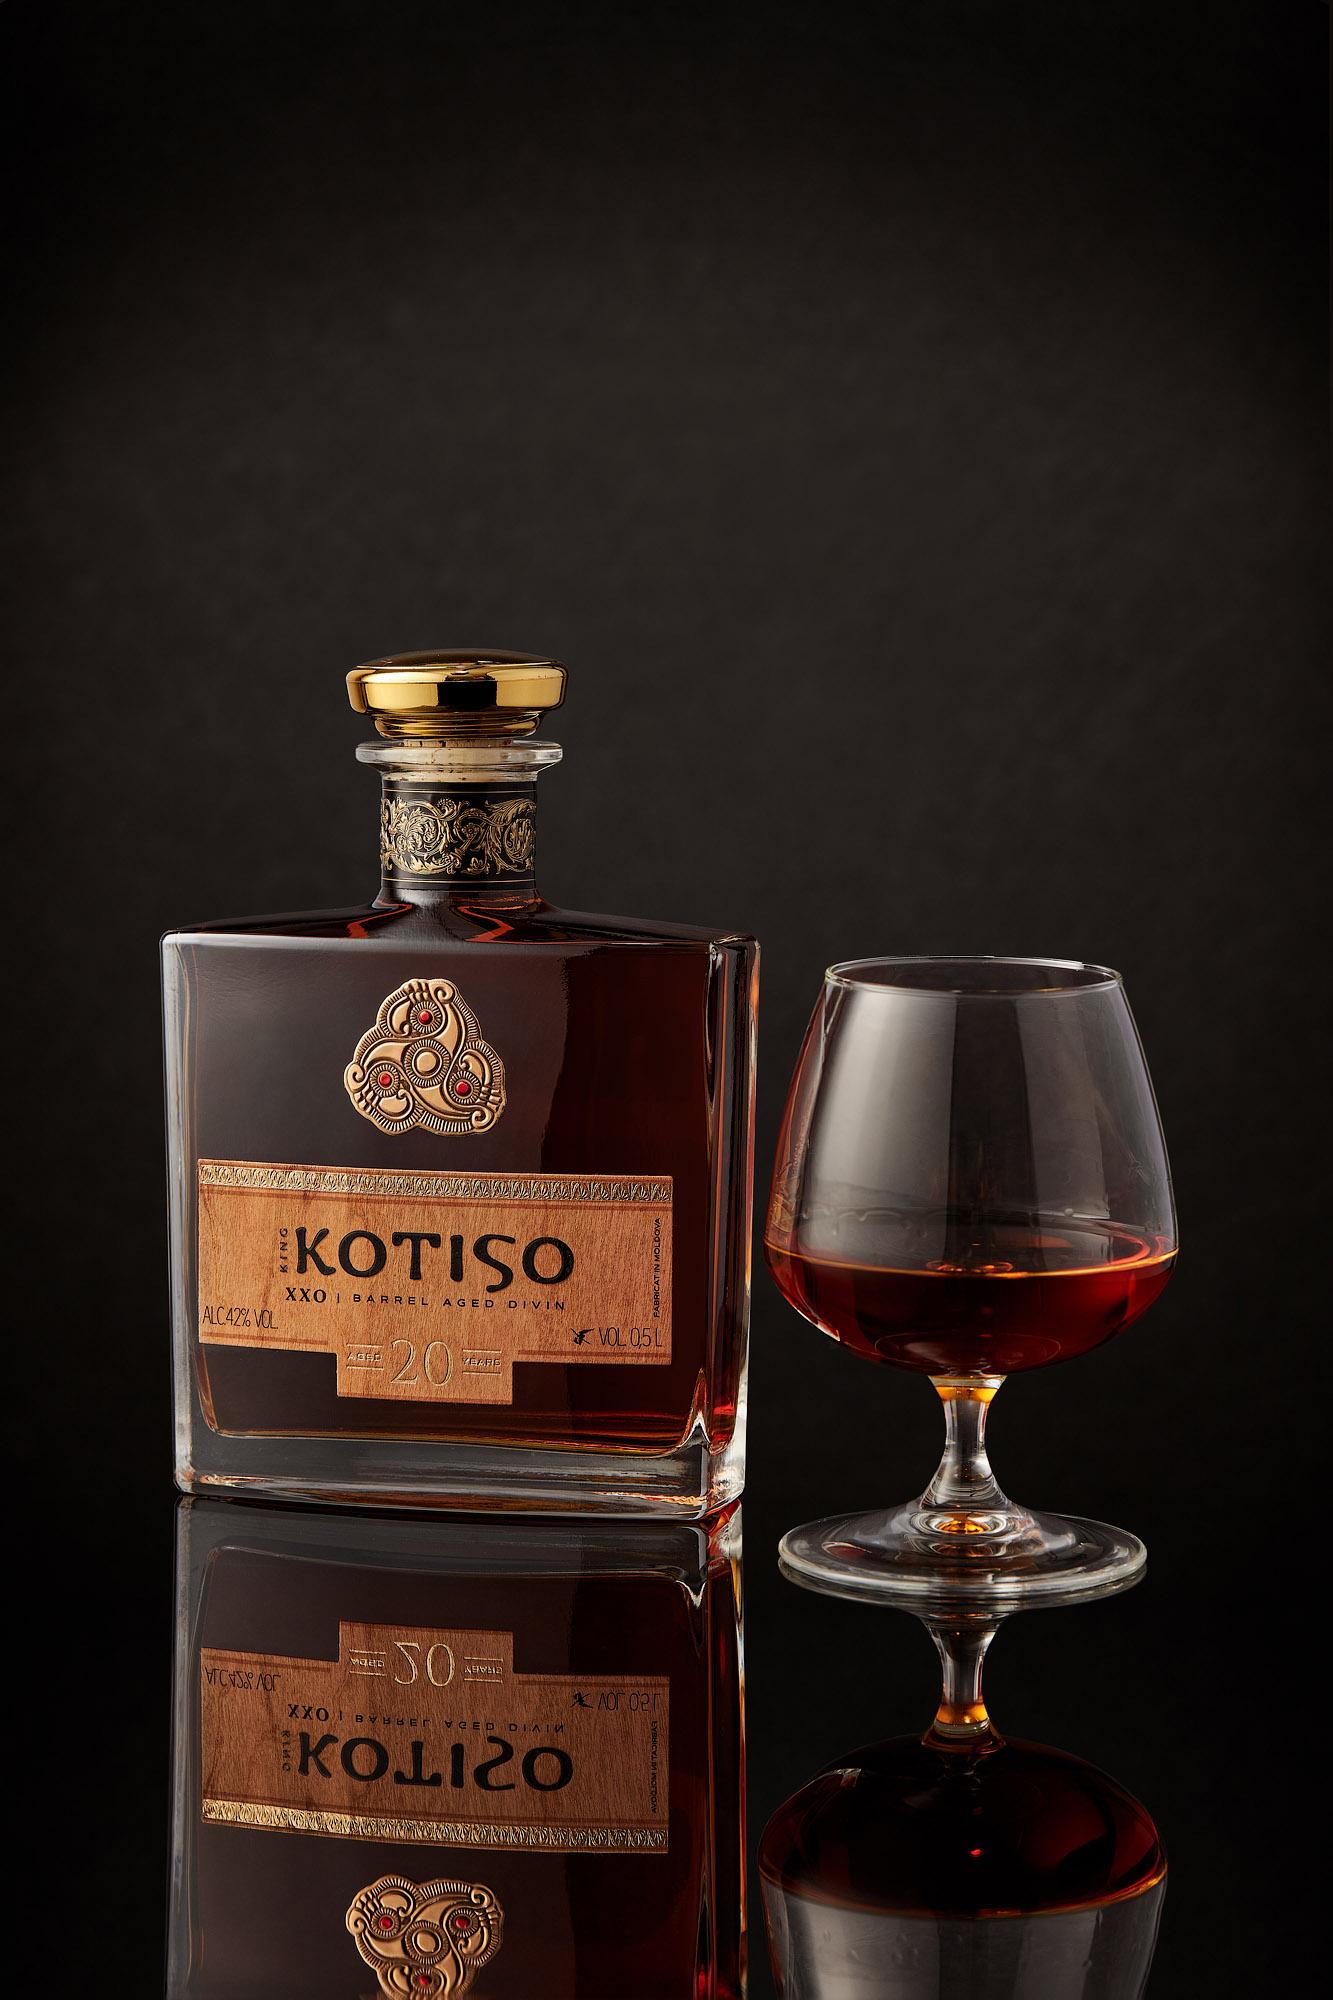 kotiso_20_glass_black